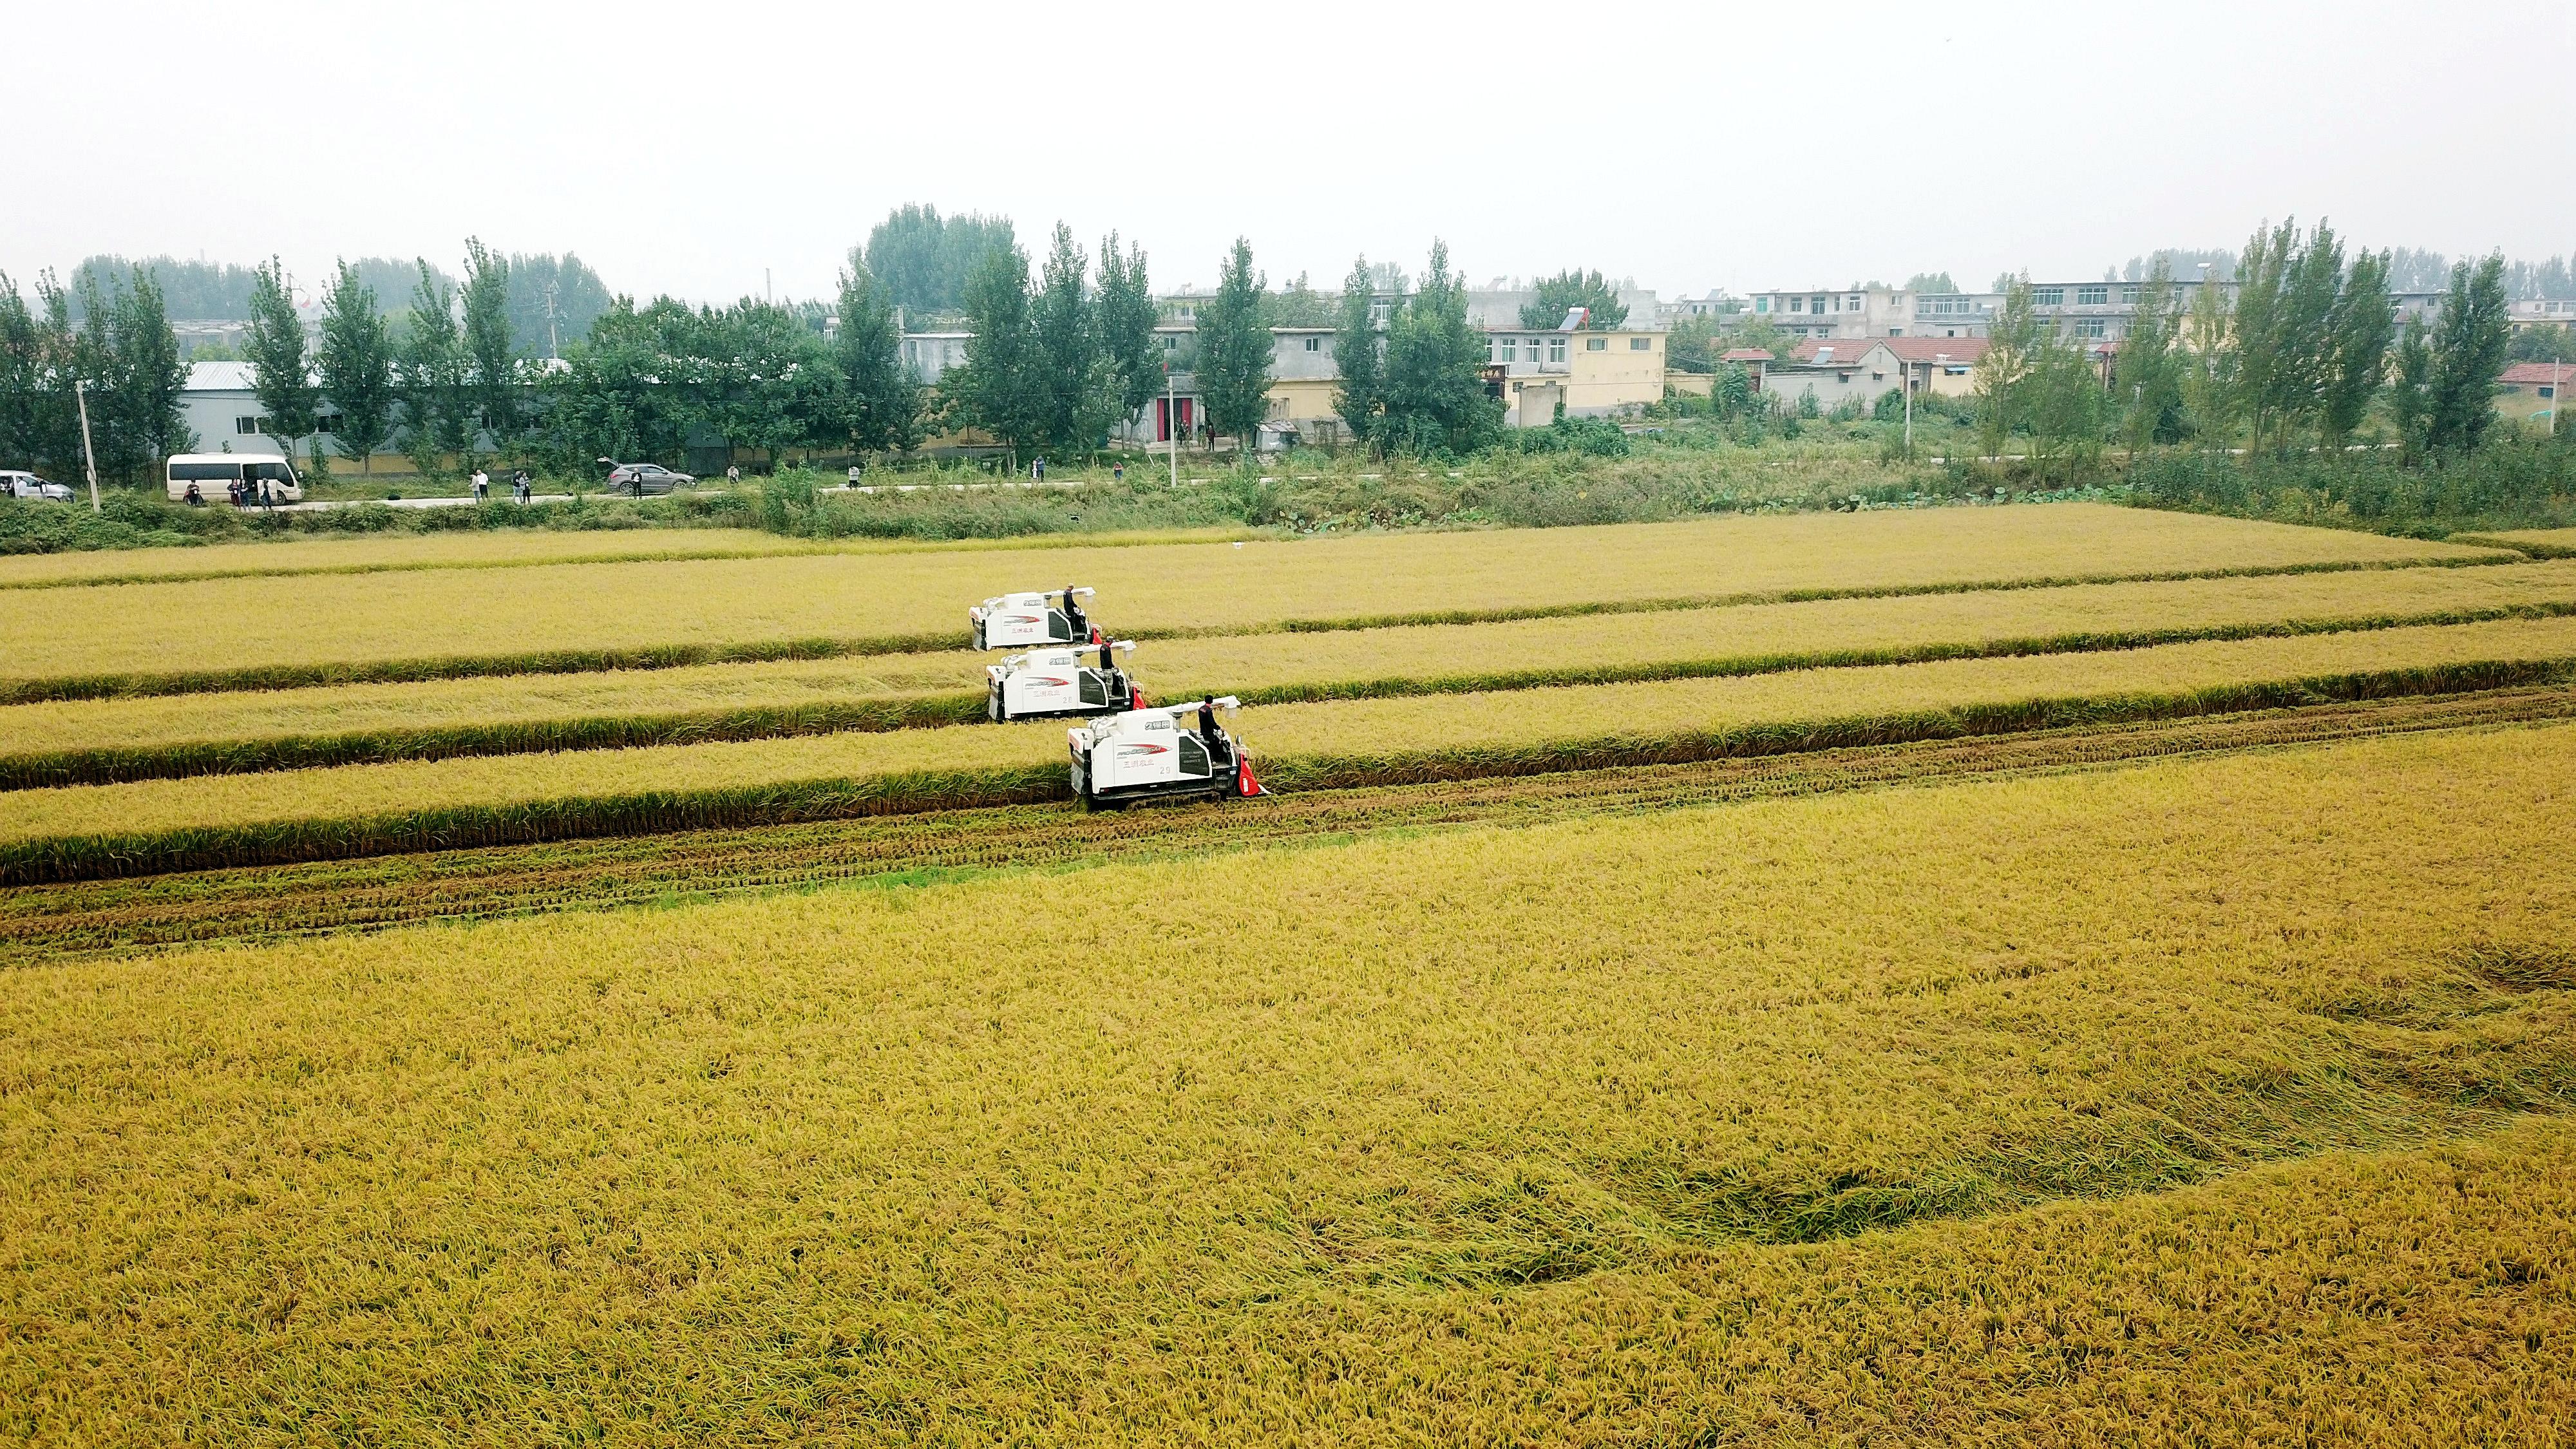 晒·秋|济南万亩黄河水稻喜获丰收 金色田野美丽动人